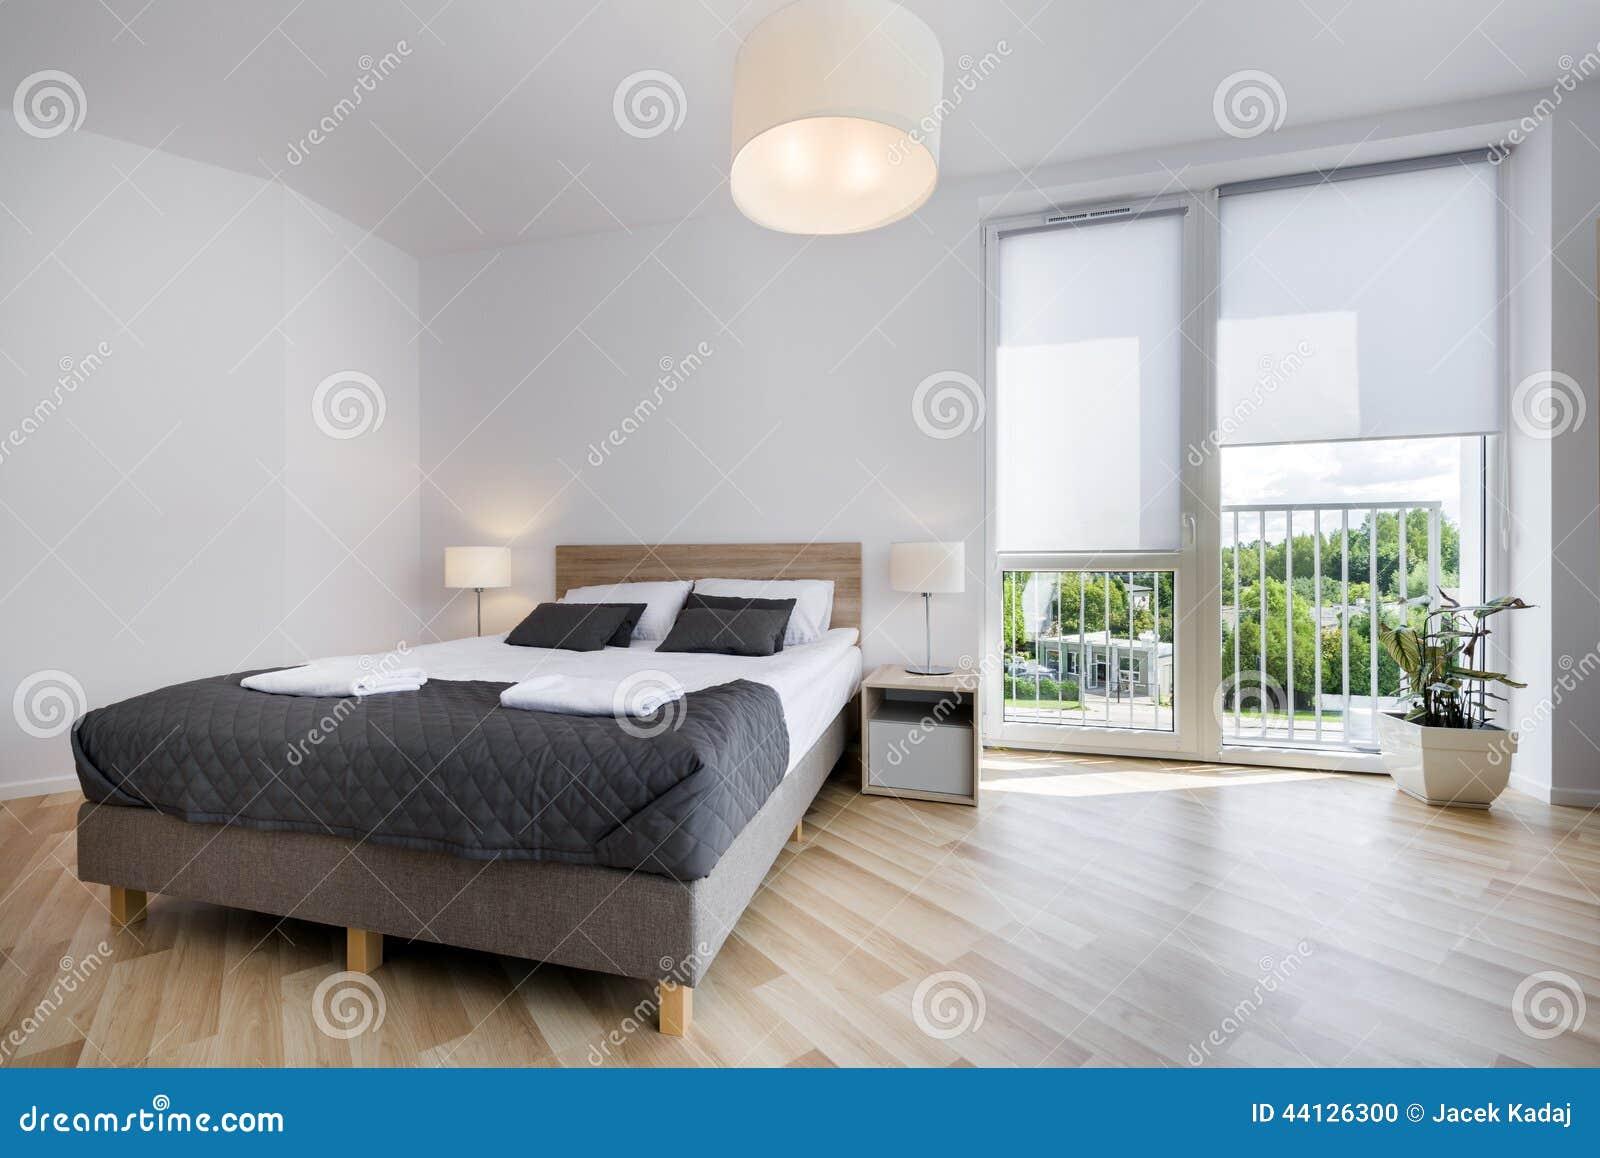 Interior design luminoso e comodo della camera da letto for Design della camera da letto